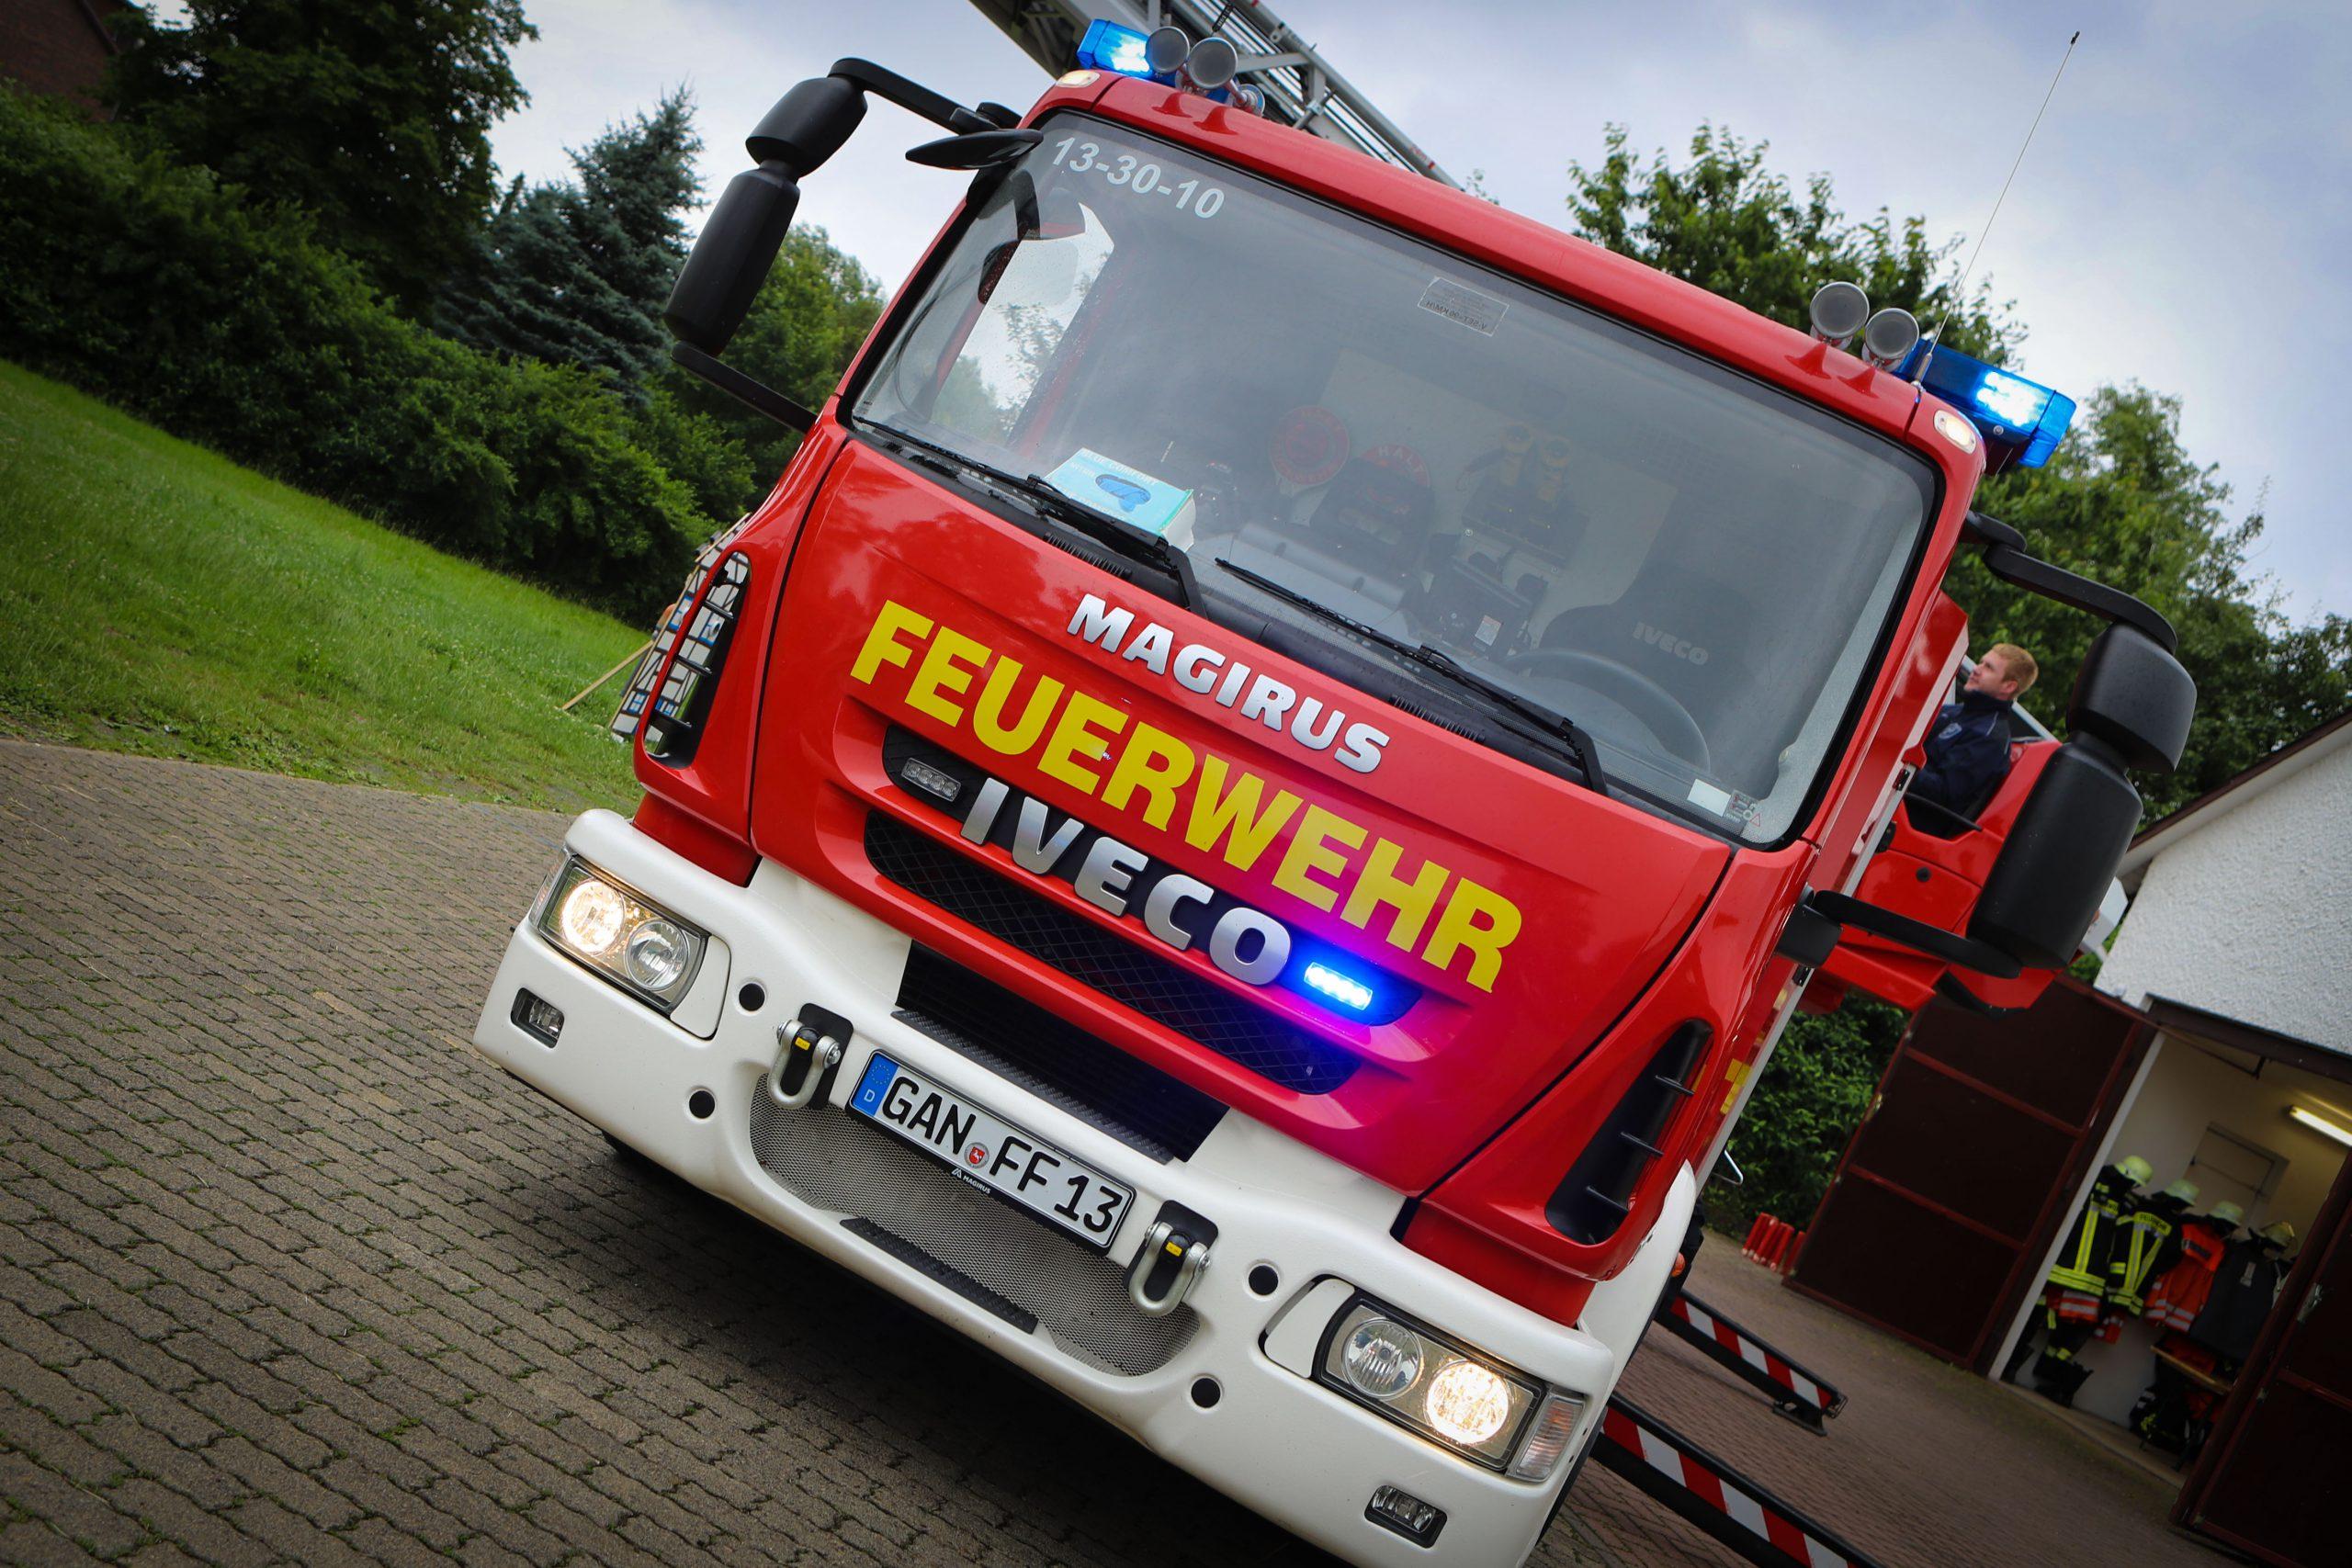 Staub löst Feuerwehreinsatz in Willershausen aus